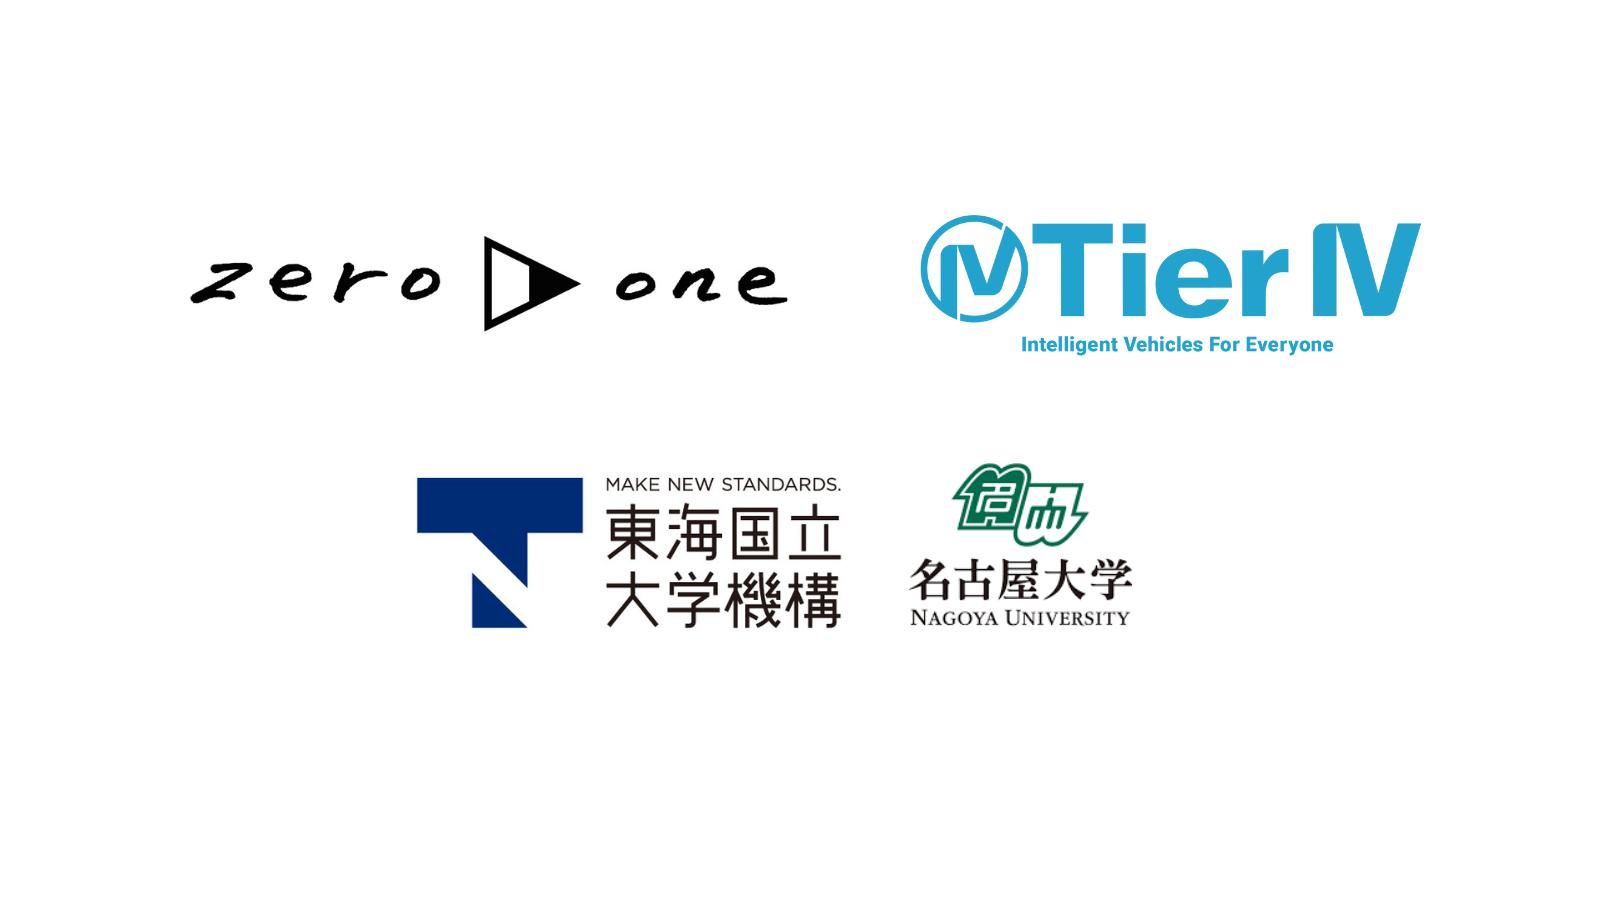 zero to one、ティアフォー、名古屋大学未来社会創造機構 オンライン教材「自動運転システム構築完全講座」を共同開発、 「第四次産業革命スキル習得講座」認定を受けて10月1日より提供開始